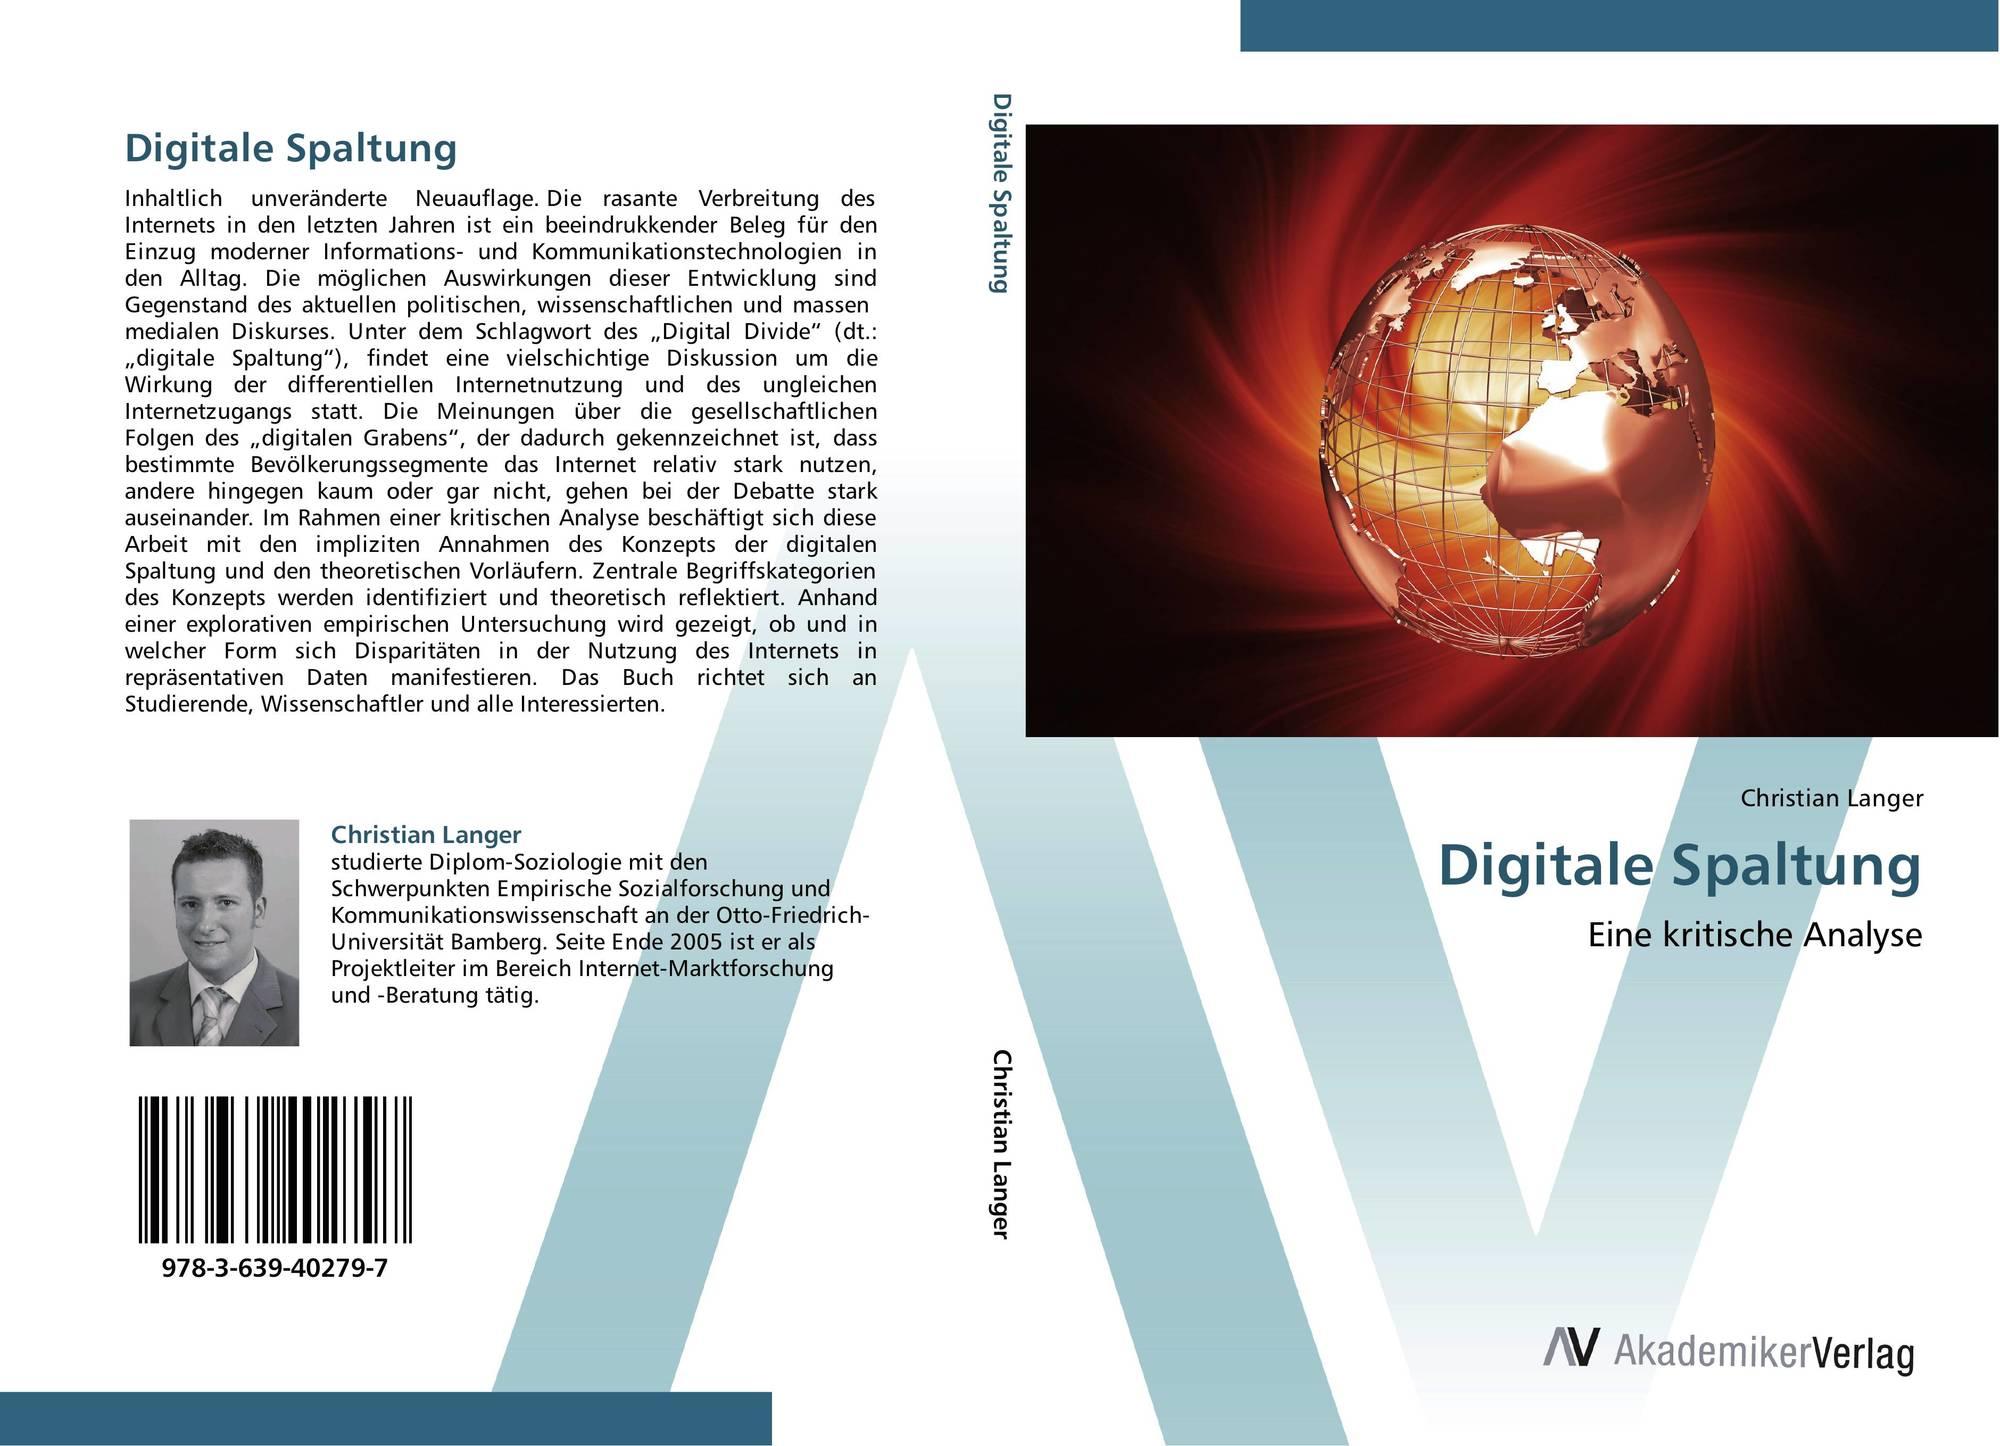 hausarbeit digitale spaltung